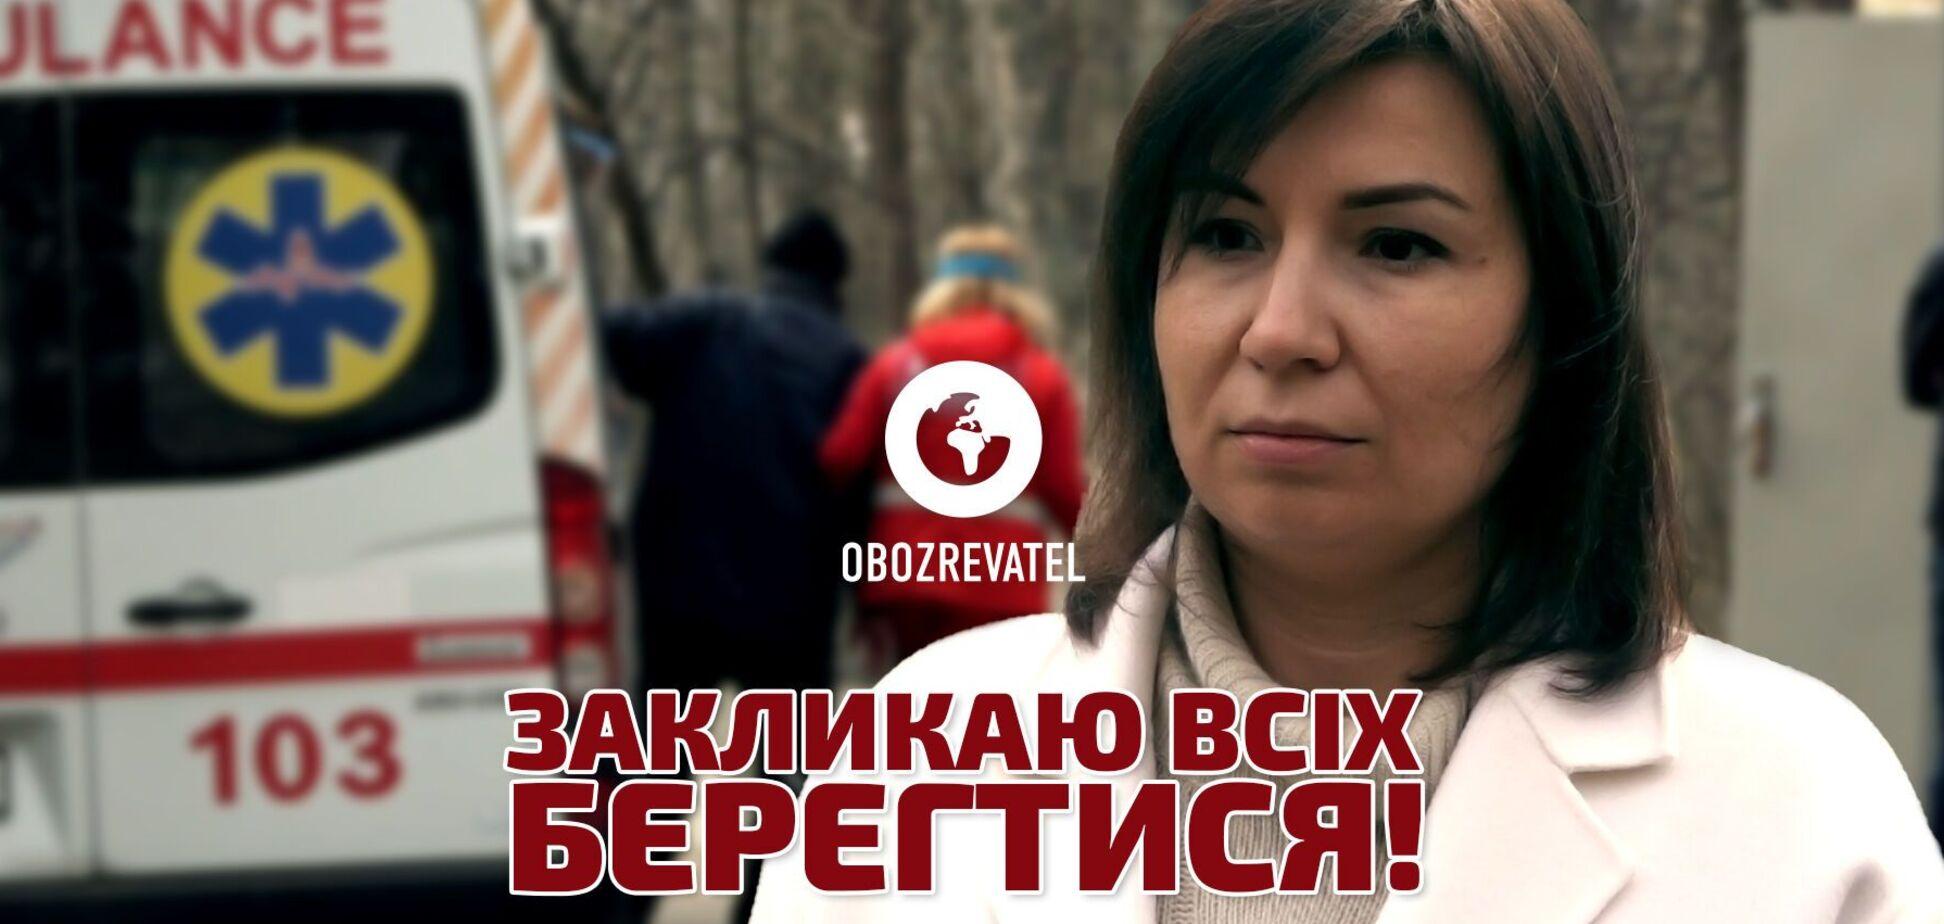 Татьяна Мостепан: В прошлом году в реанимации не было столько больных до 30-40 лет